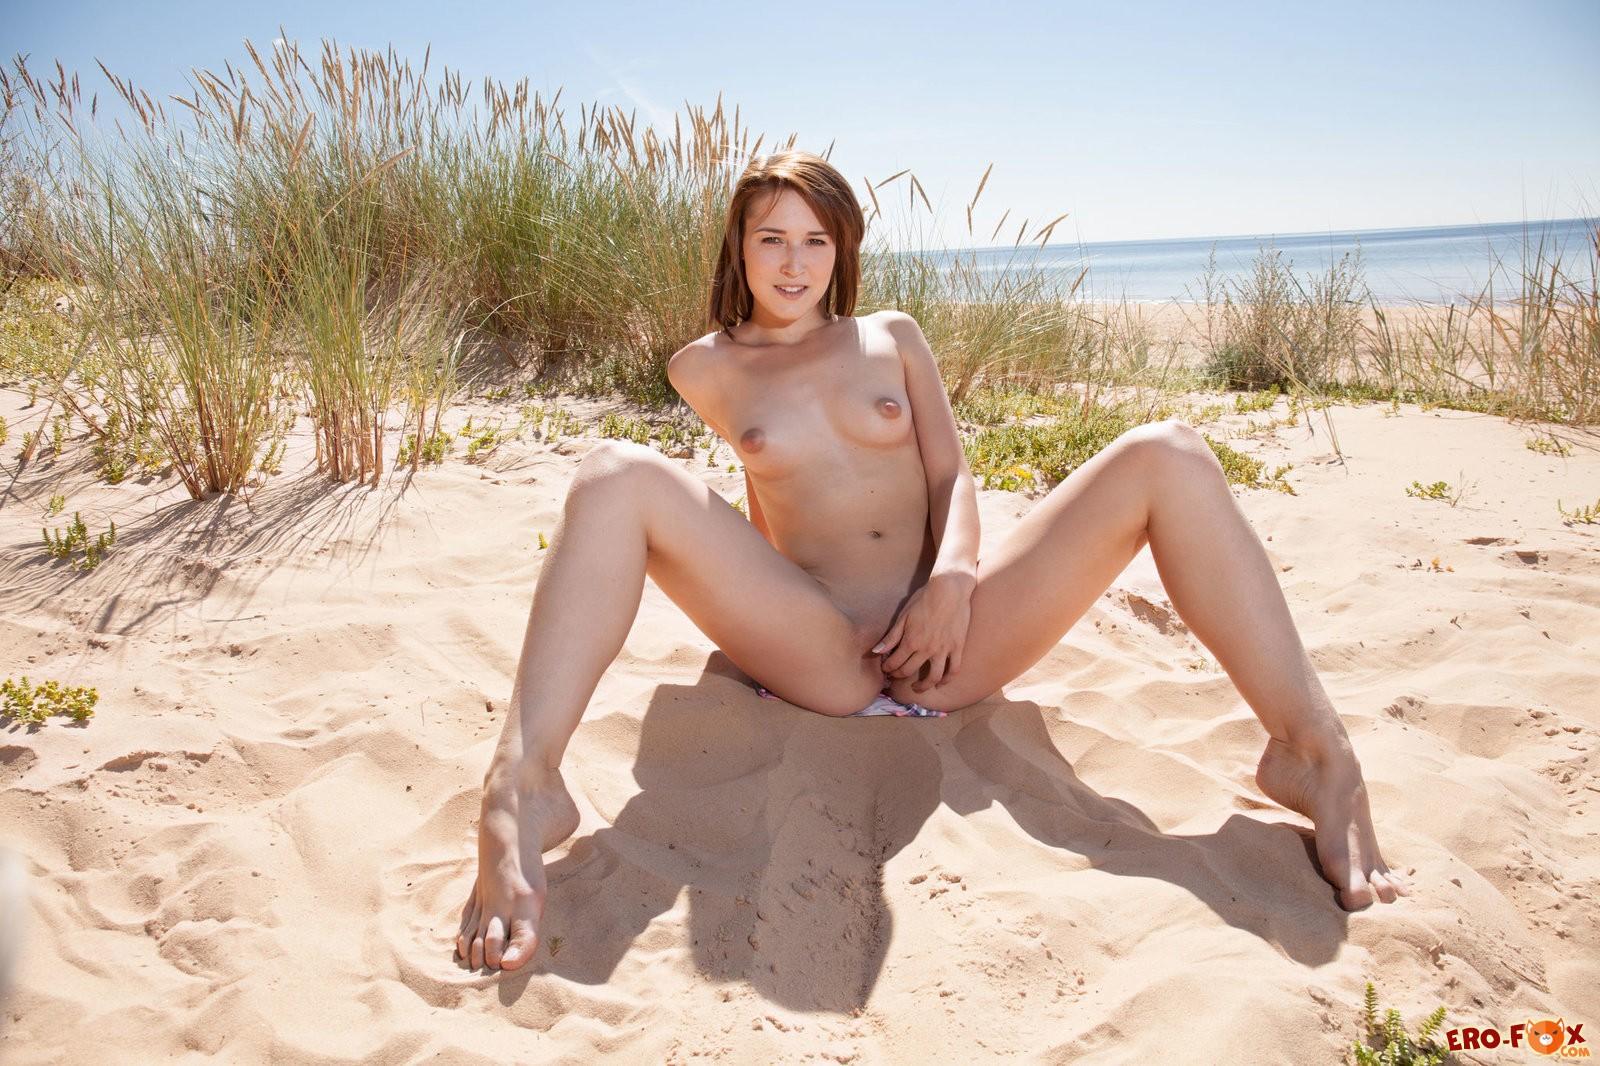 Девушка с маленькой грудью разделась на пляже